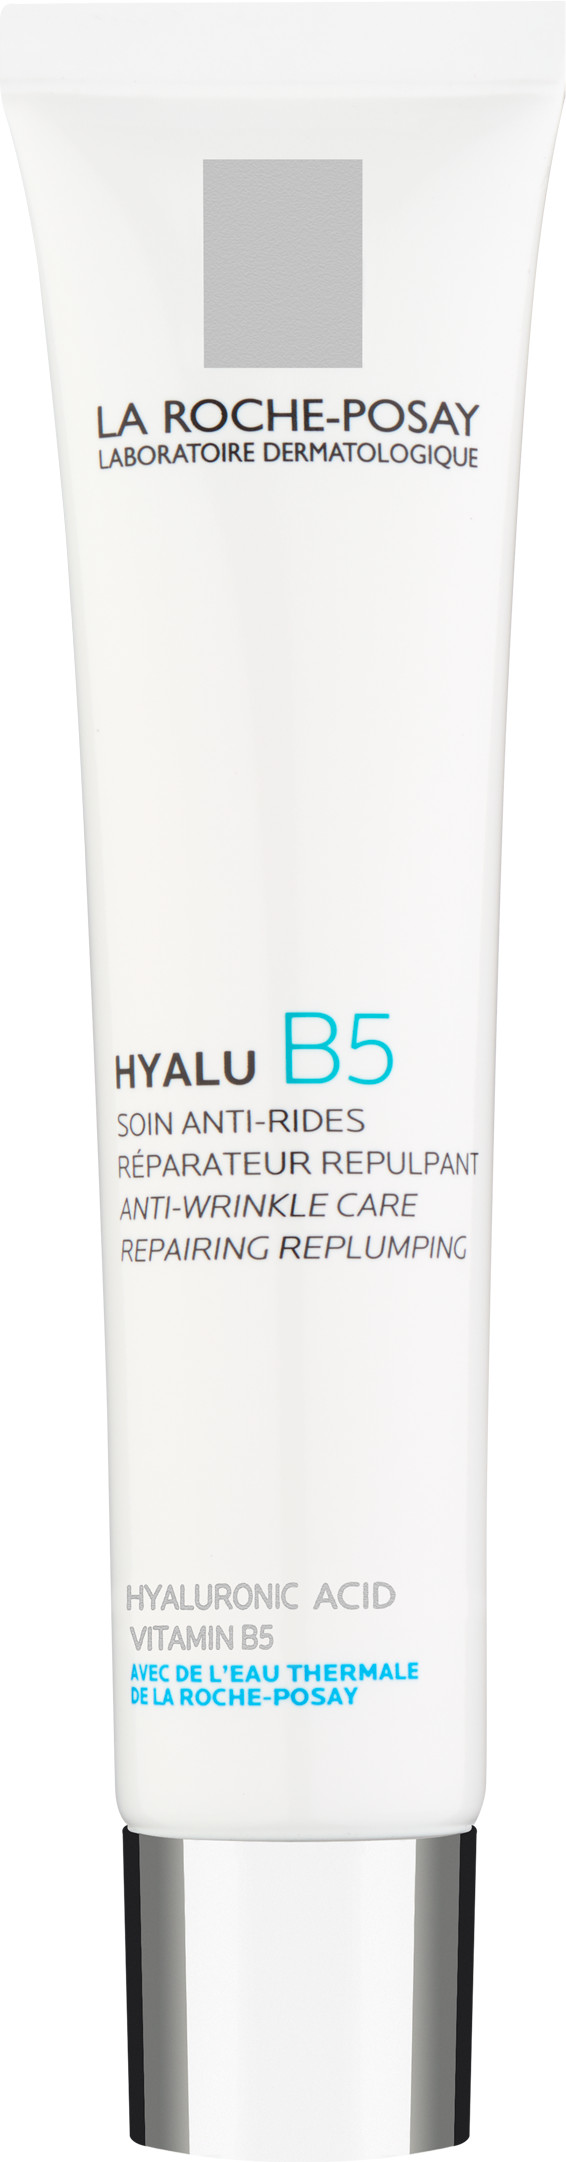 La Roche-Posay Hyalu B5 Anti-Wrinkle Cream 40ml